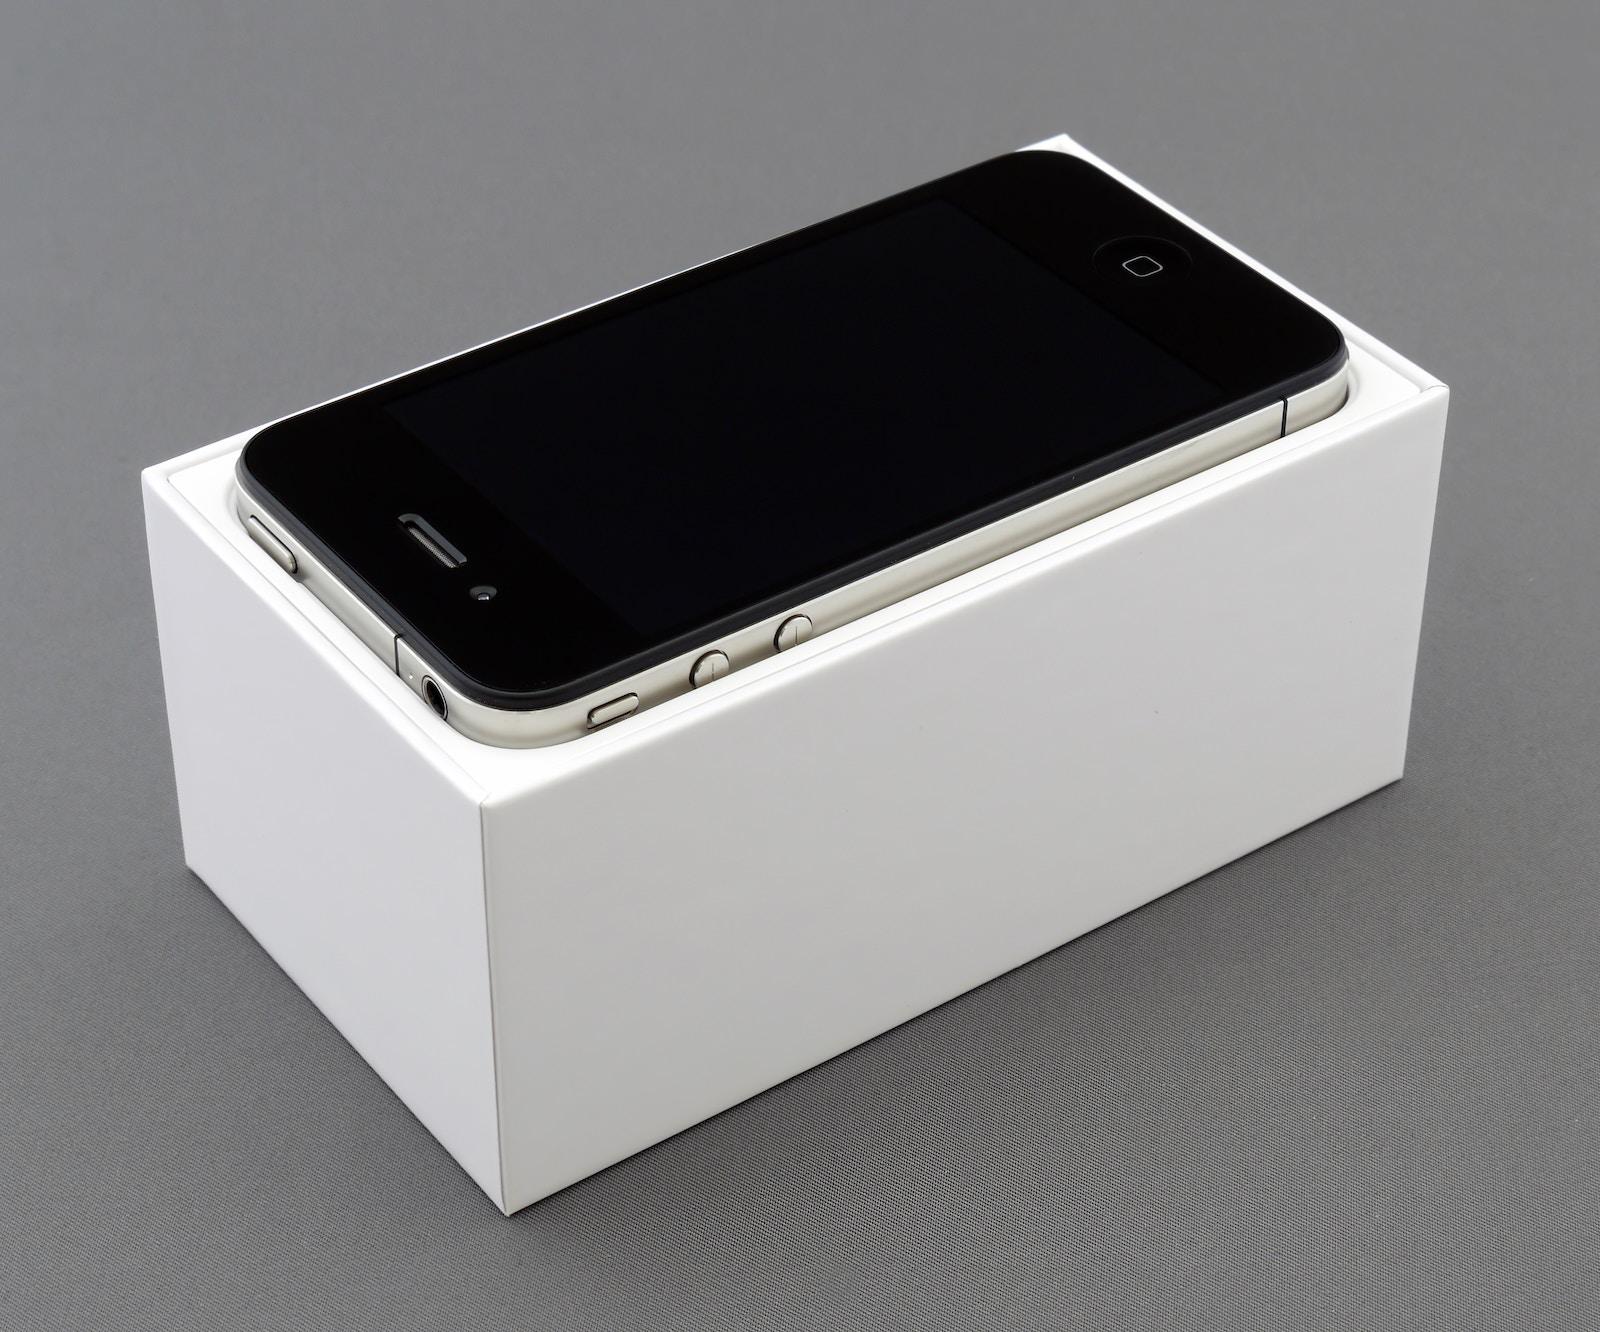 Brett jordan SQBHjCH71x4 unsplash iphone4